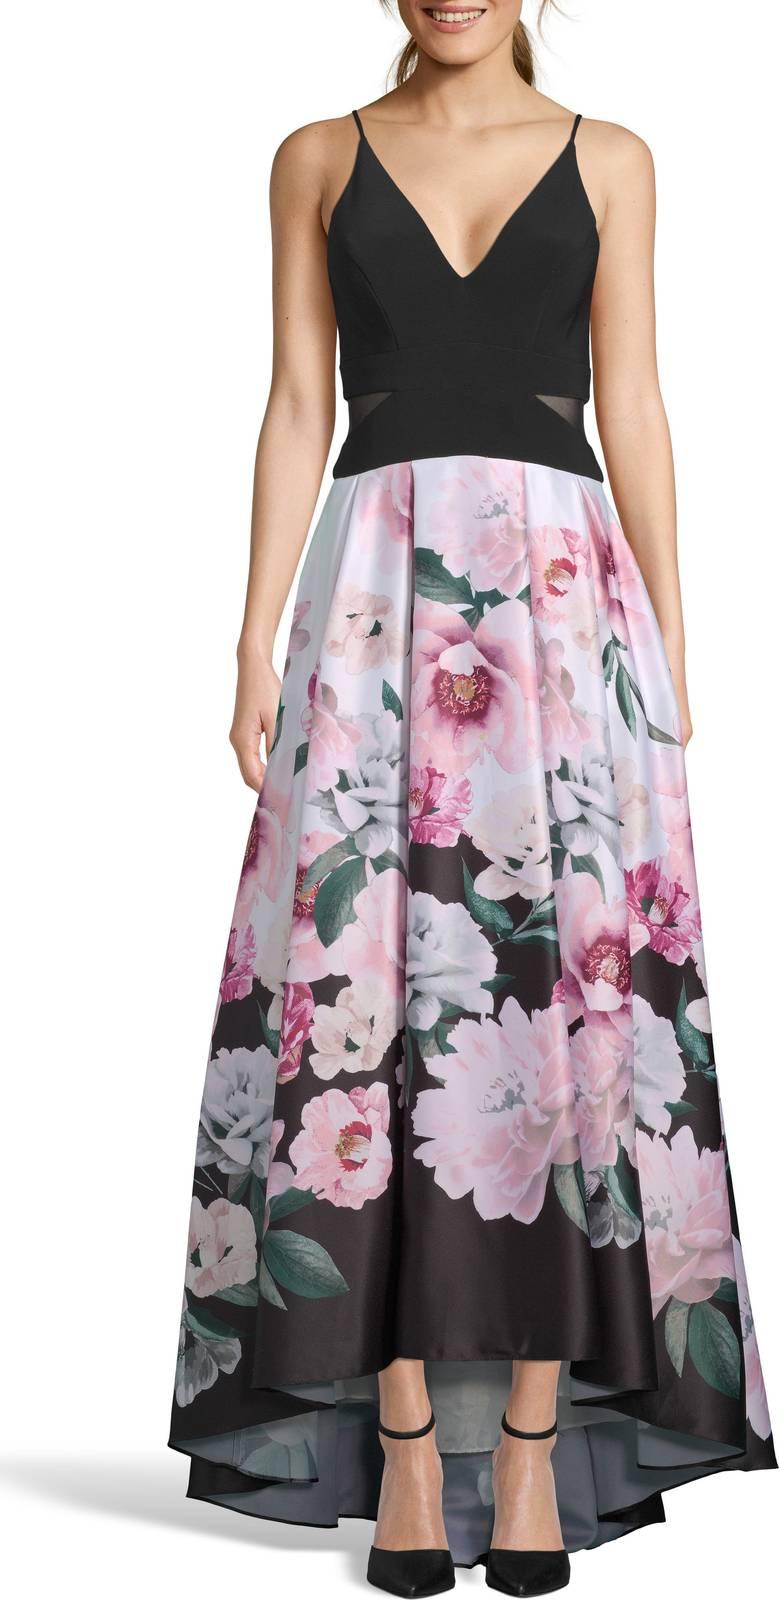 XSCAPE High/low Evening Dress